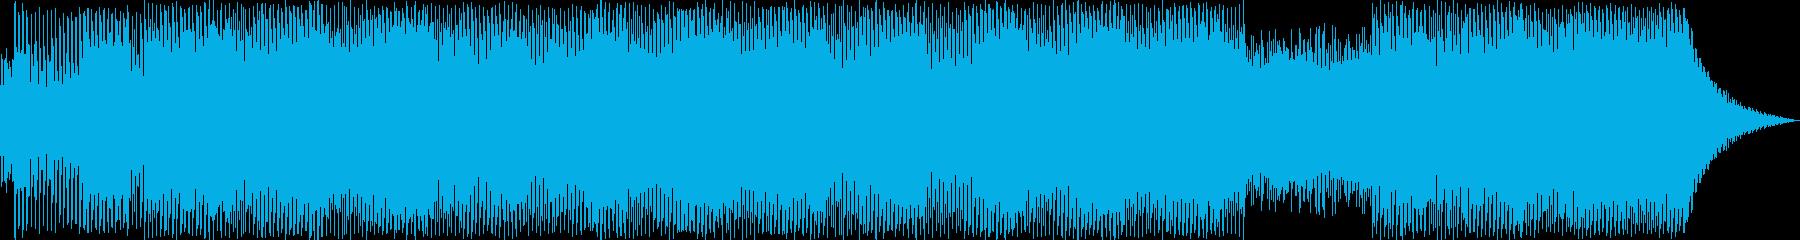 ハウスランニングの再生済みの波形